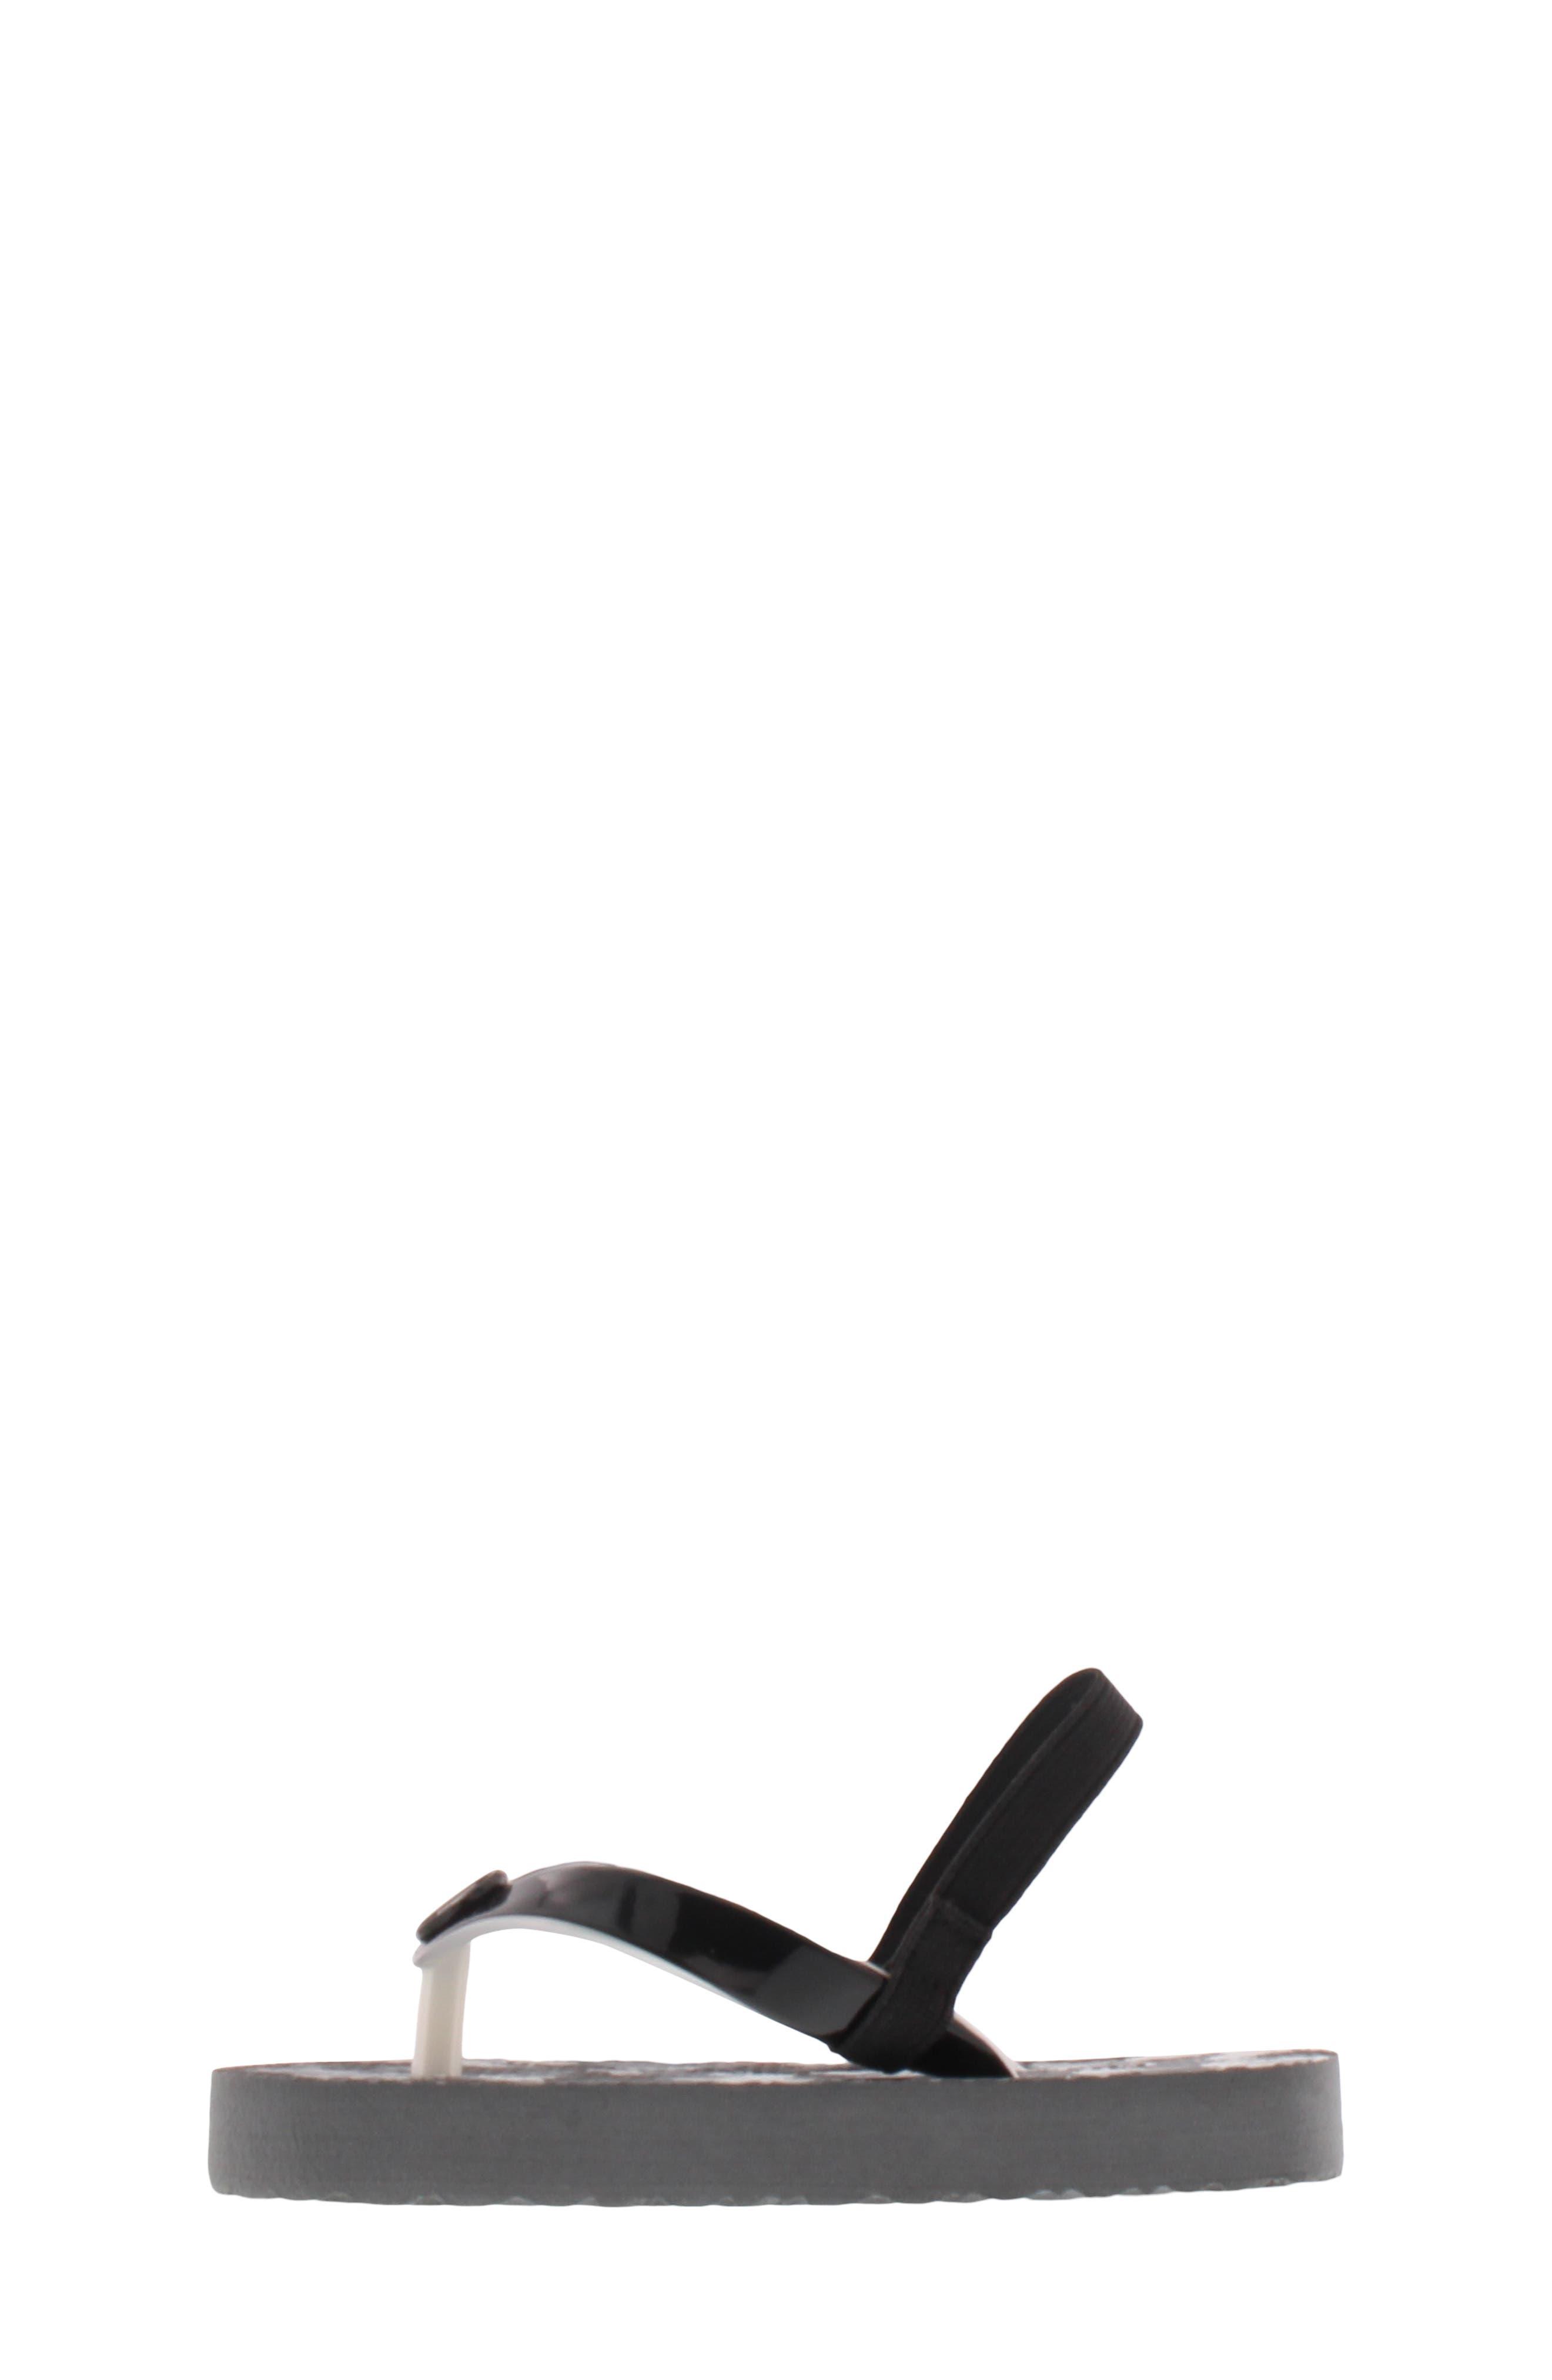 Endine Butterfly Sandal,                             Alternate thumbnail 8, color,                             BLACK GREY